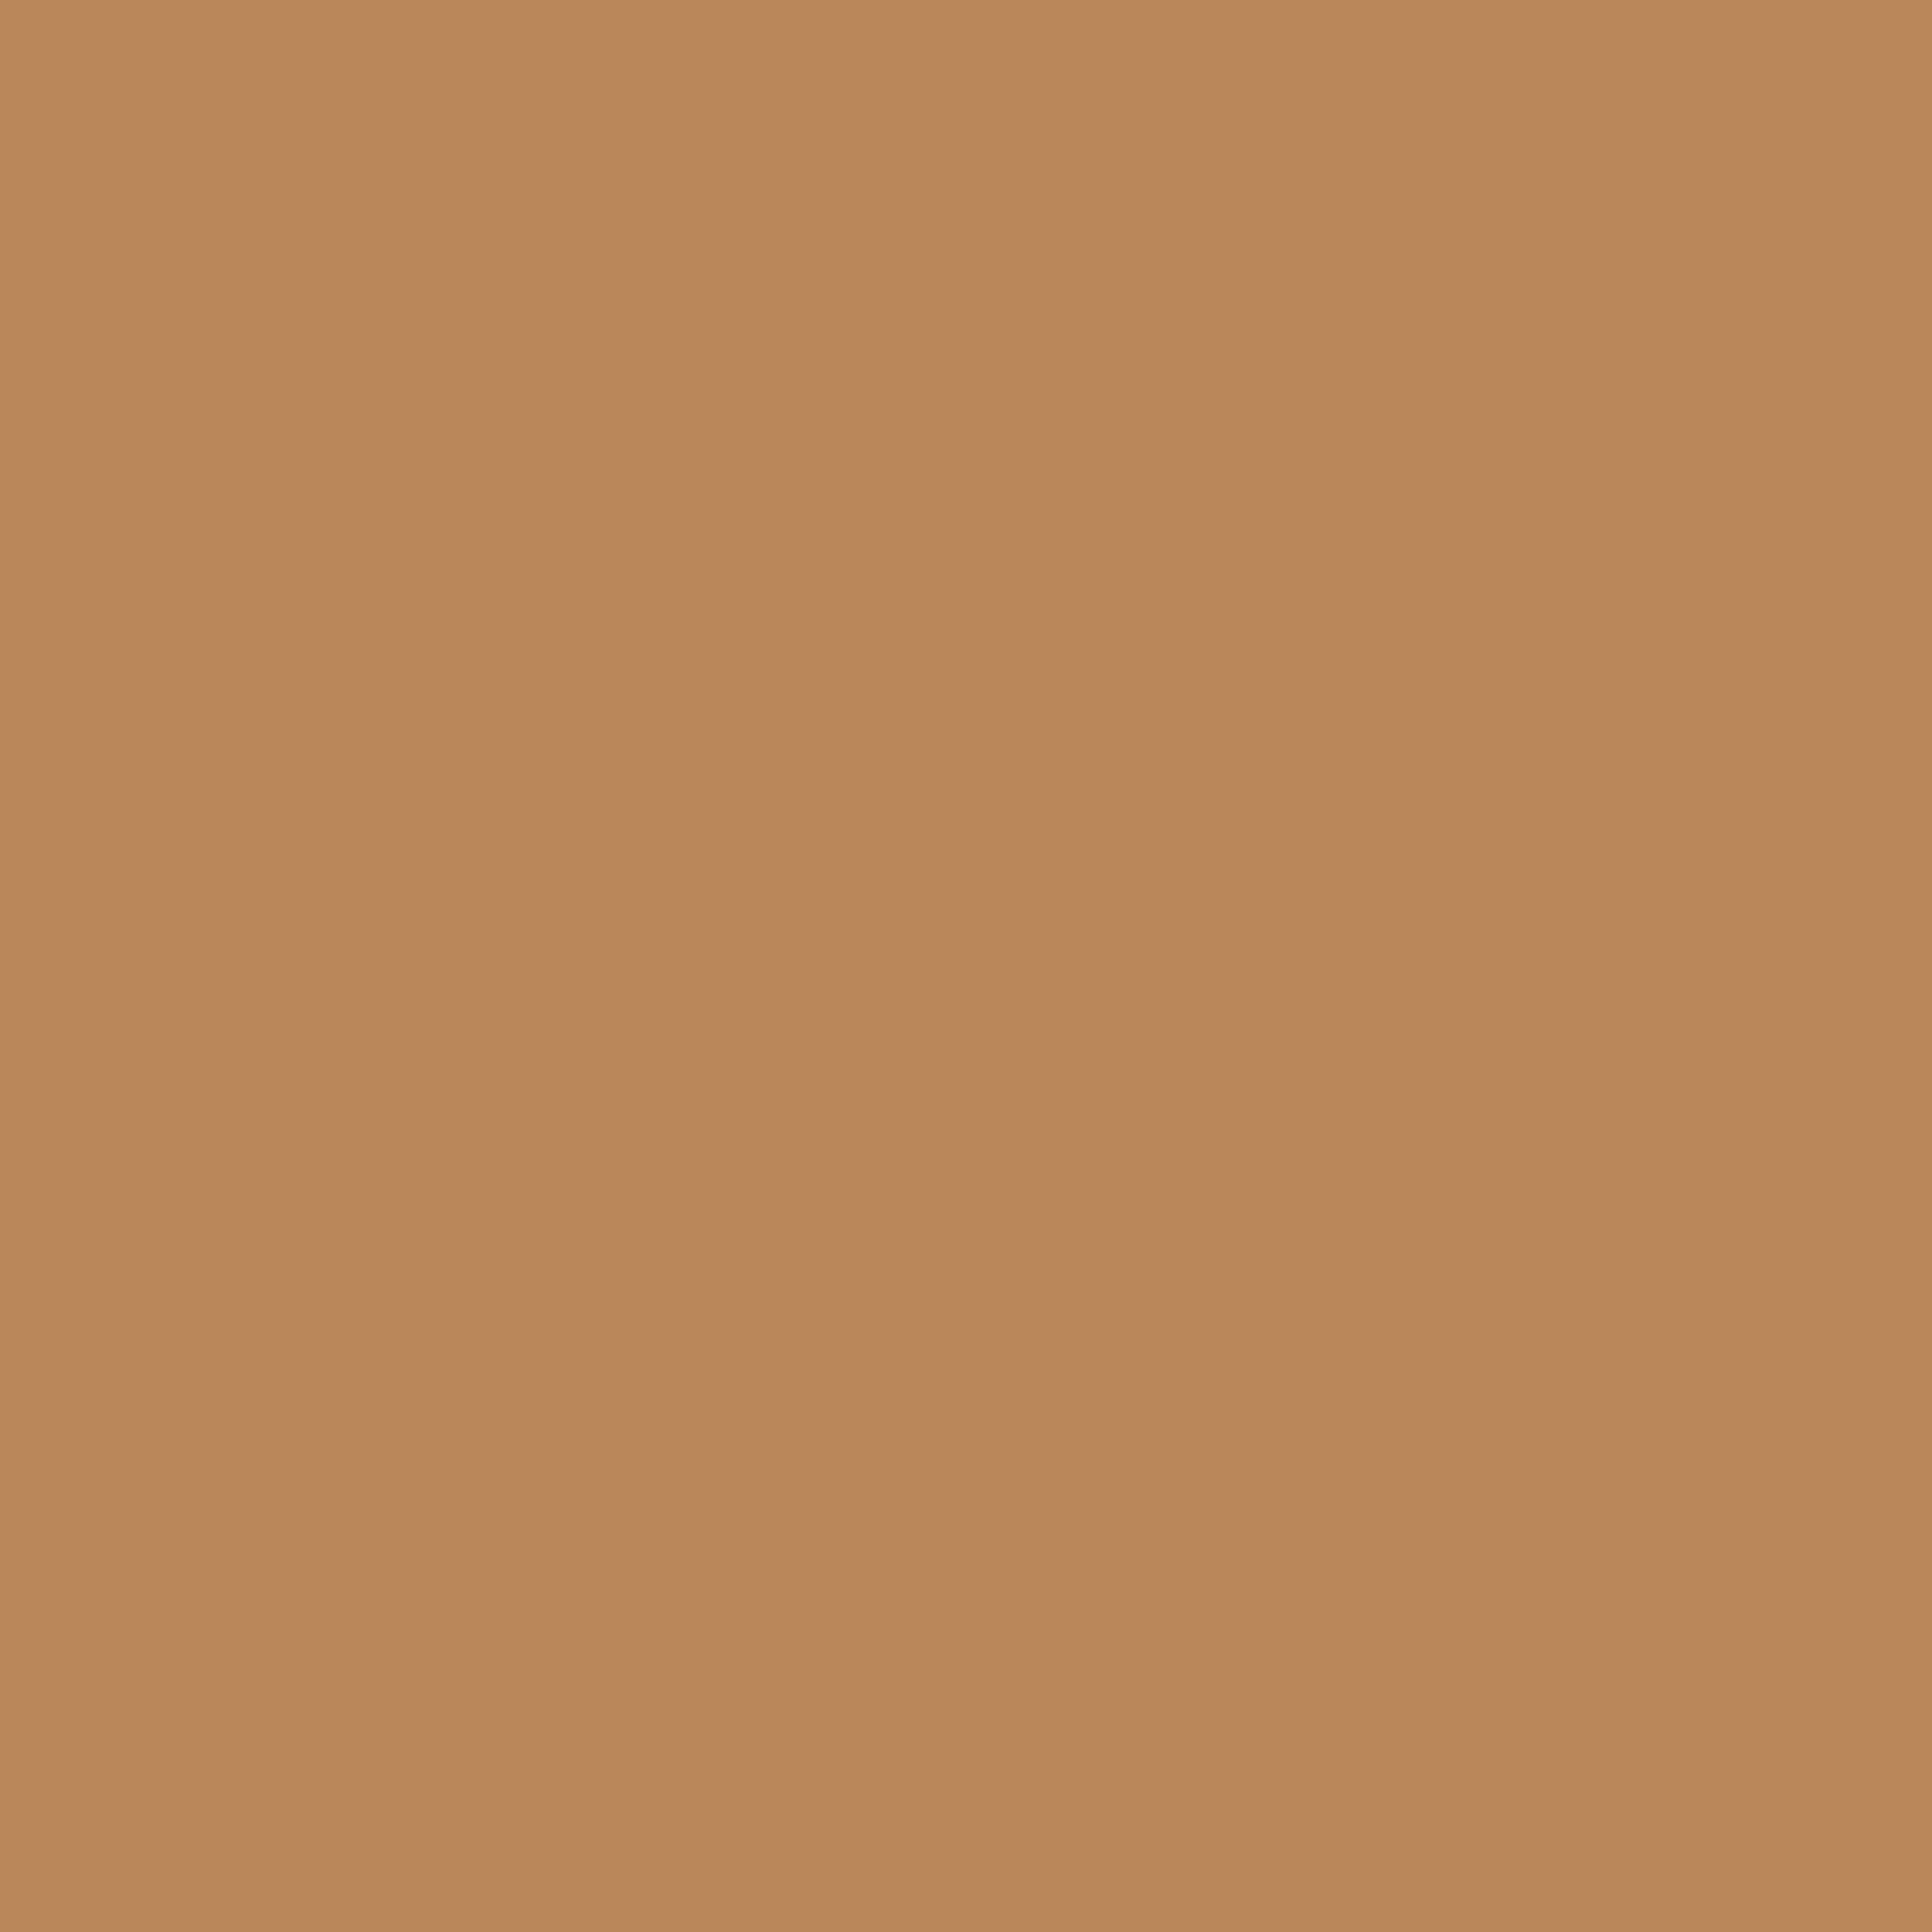 2048x2048 Deer Solid Color Background